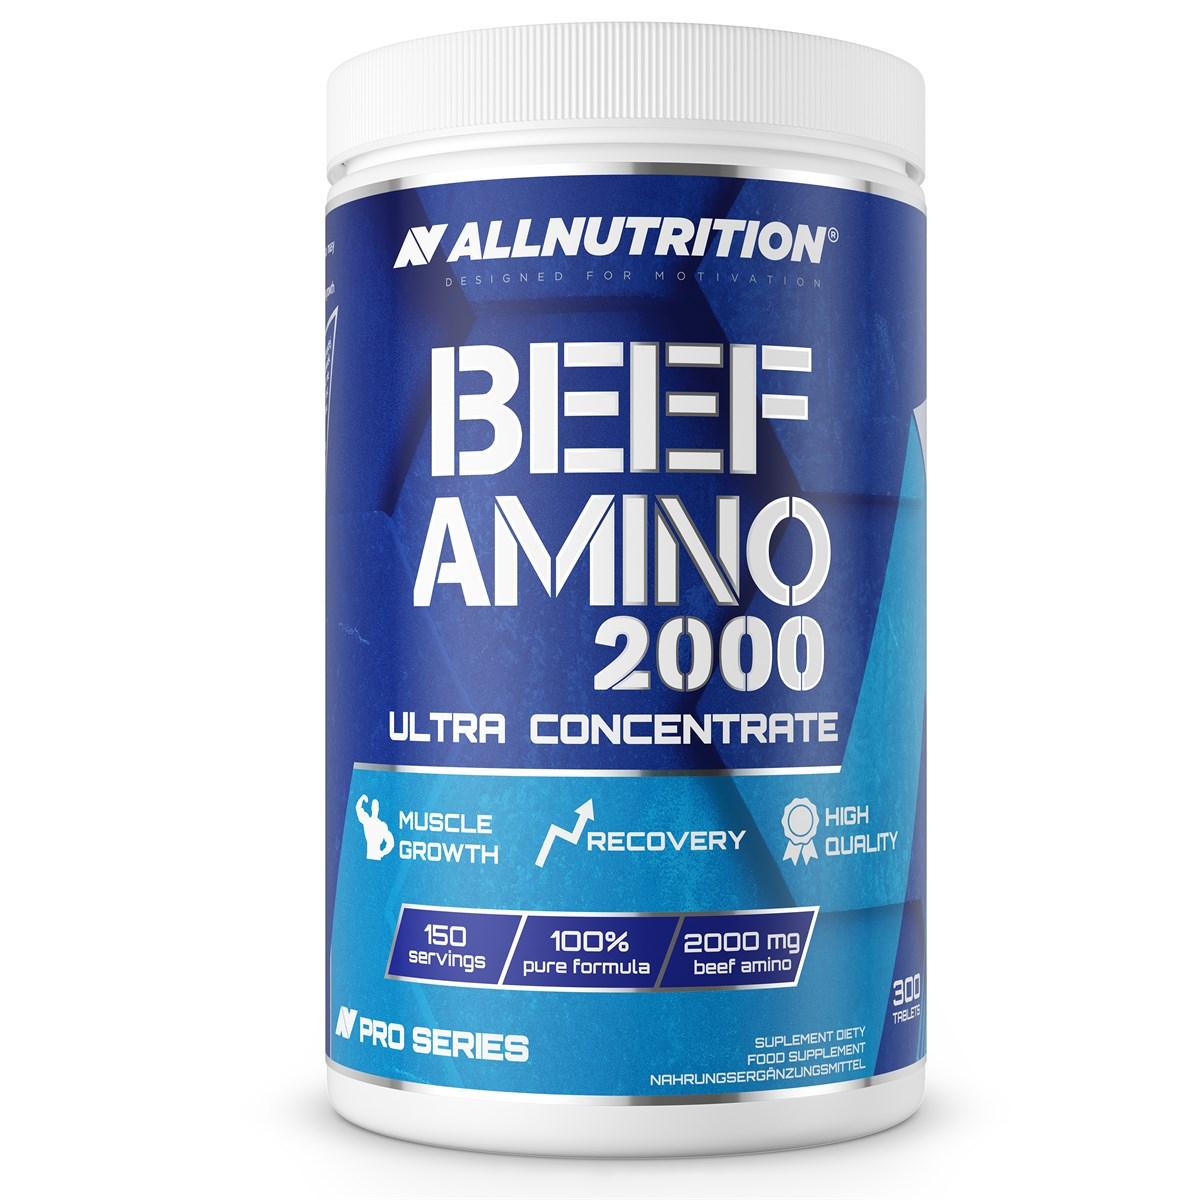 ALLNUTRITION BEEF AMINO 2000 PRO SERIES